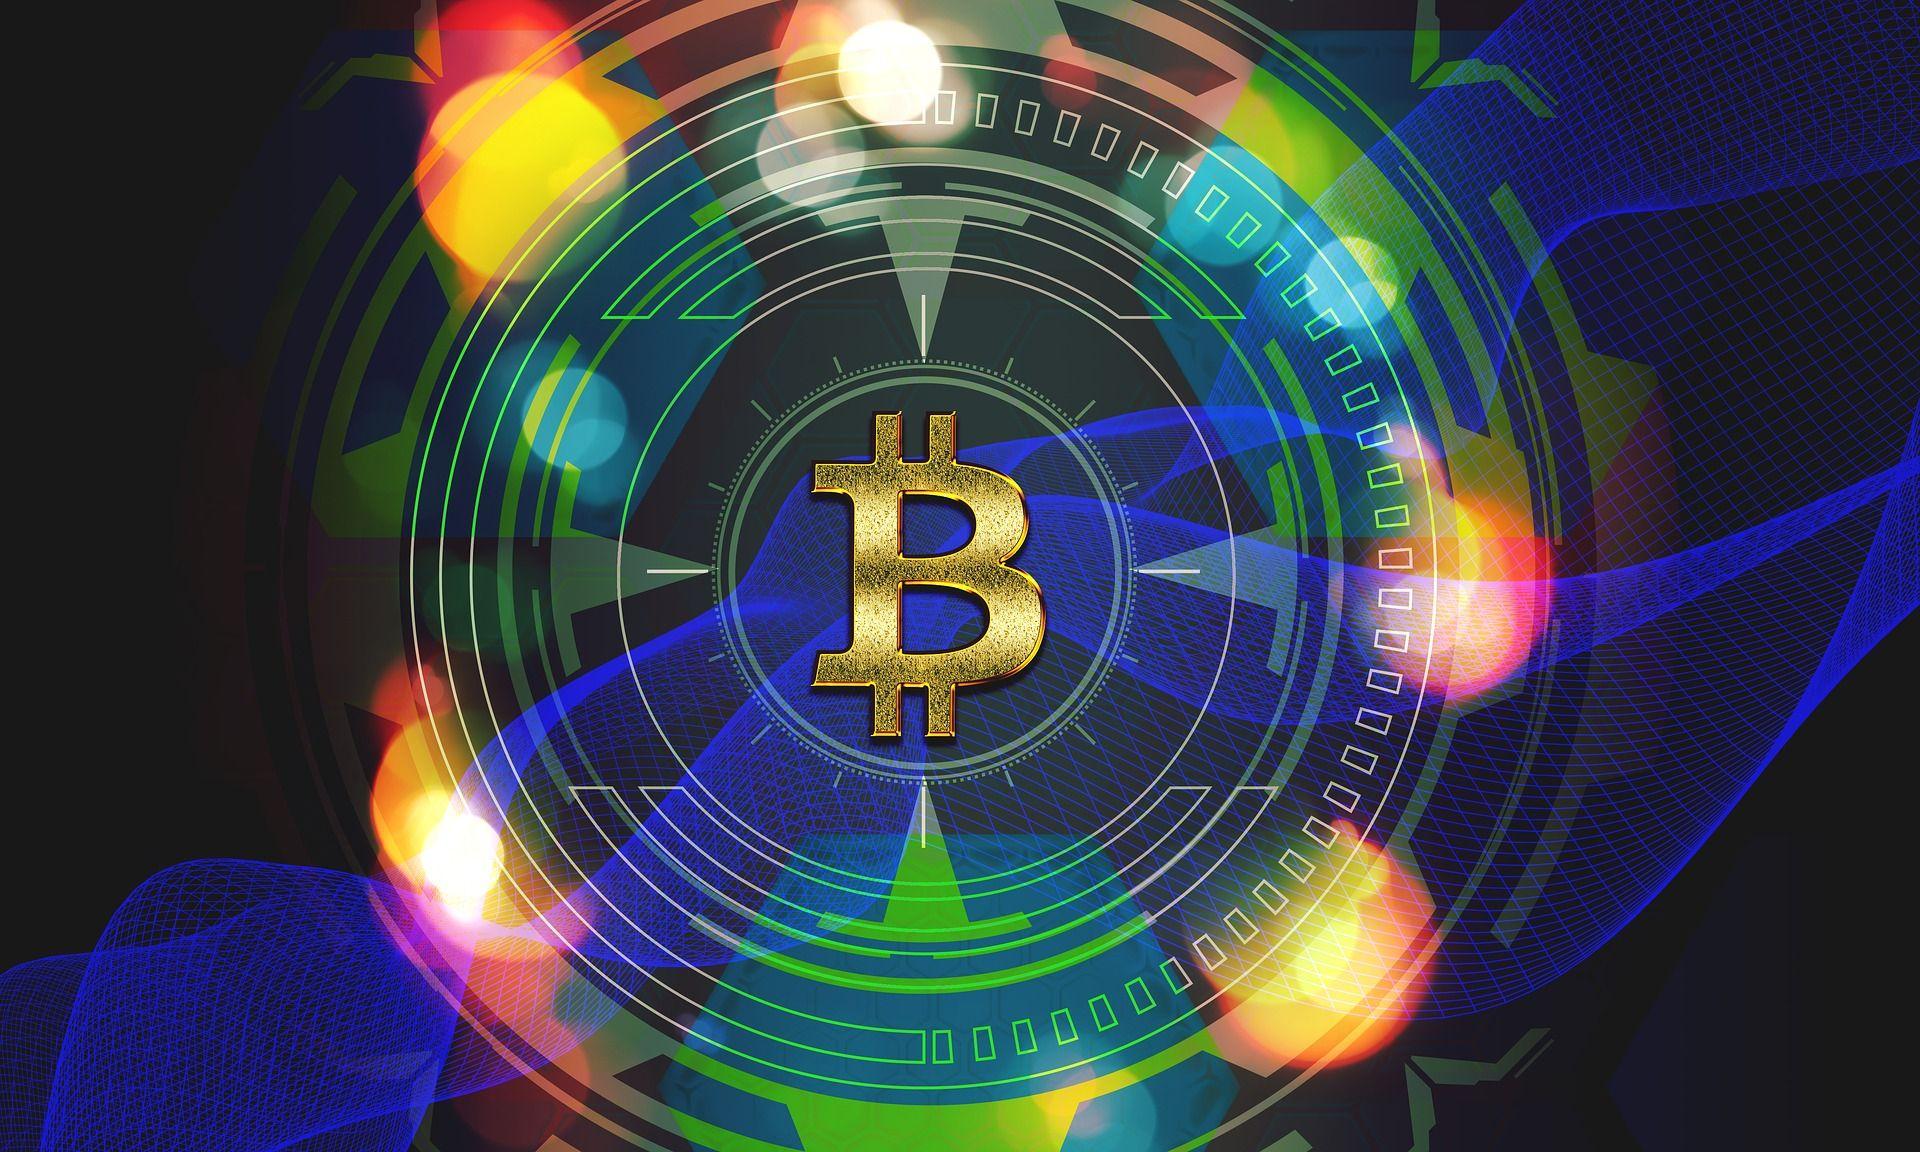 Bitcoin Parabolik Oluyor! 100 Bin mi yoksa 20 Bin Dolara Mı?